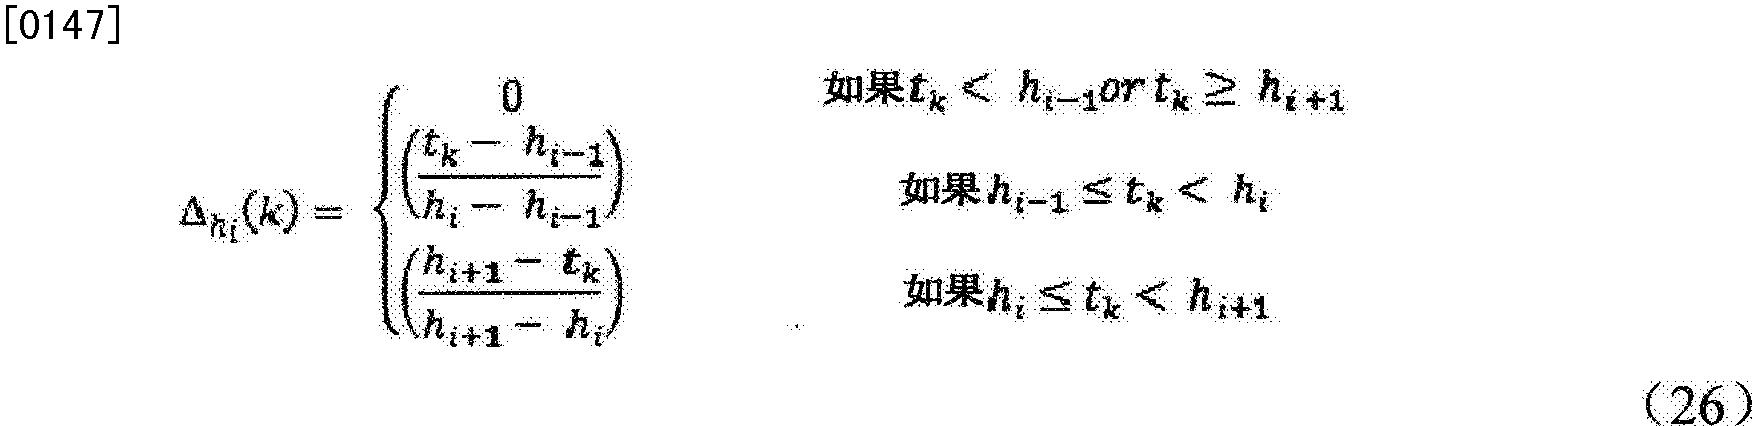 Figure CN102812303BD00153